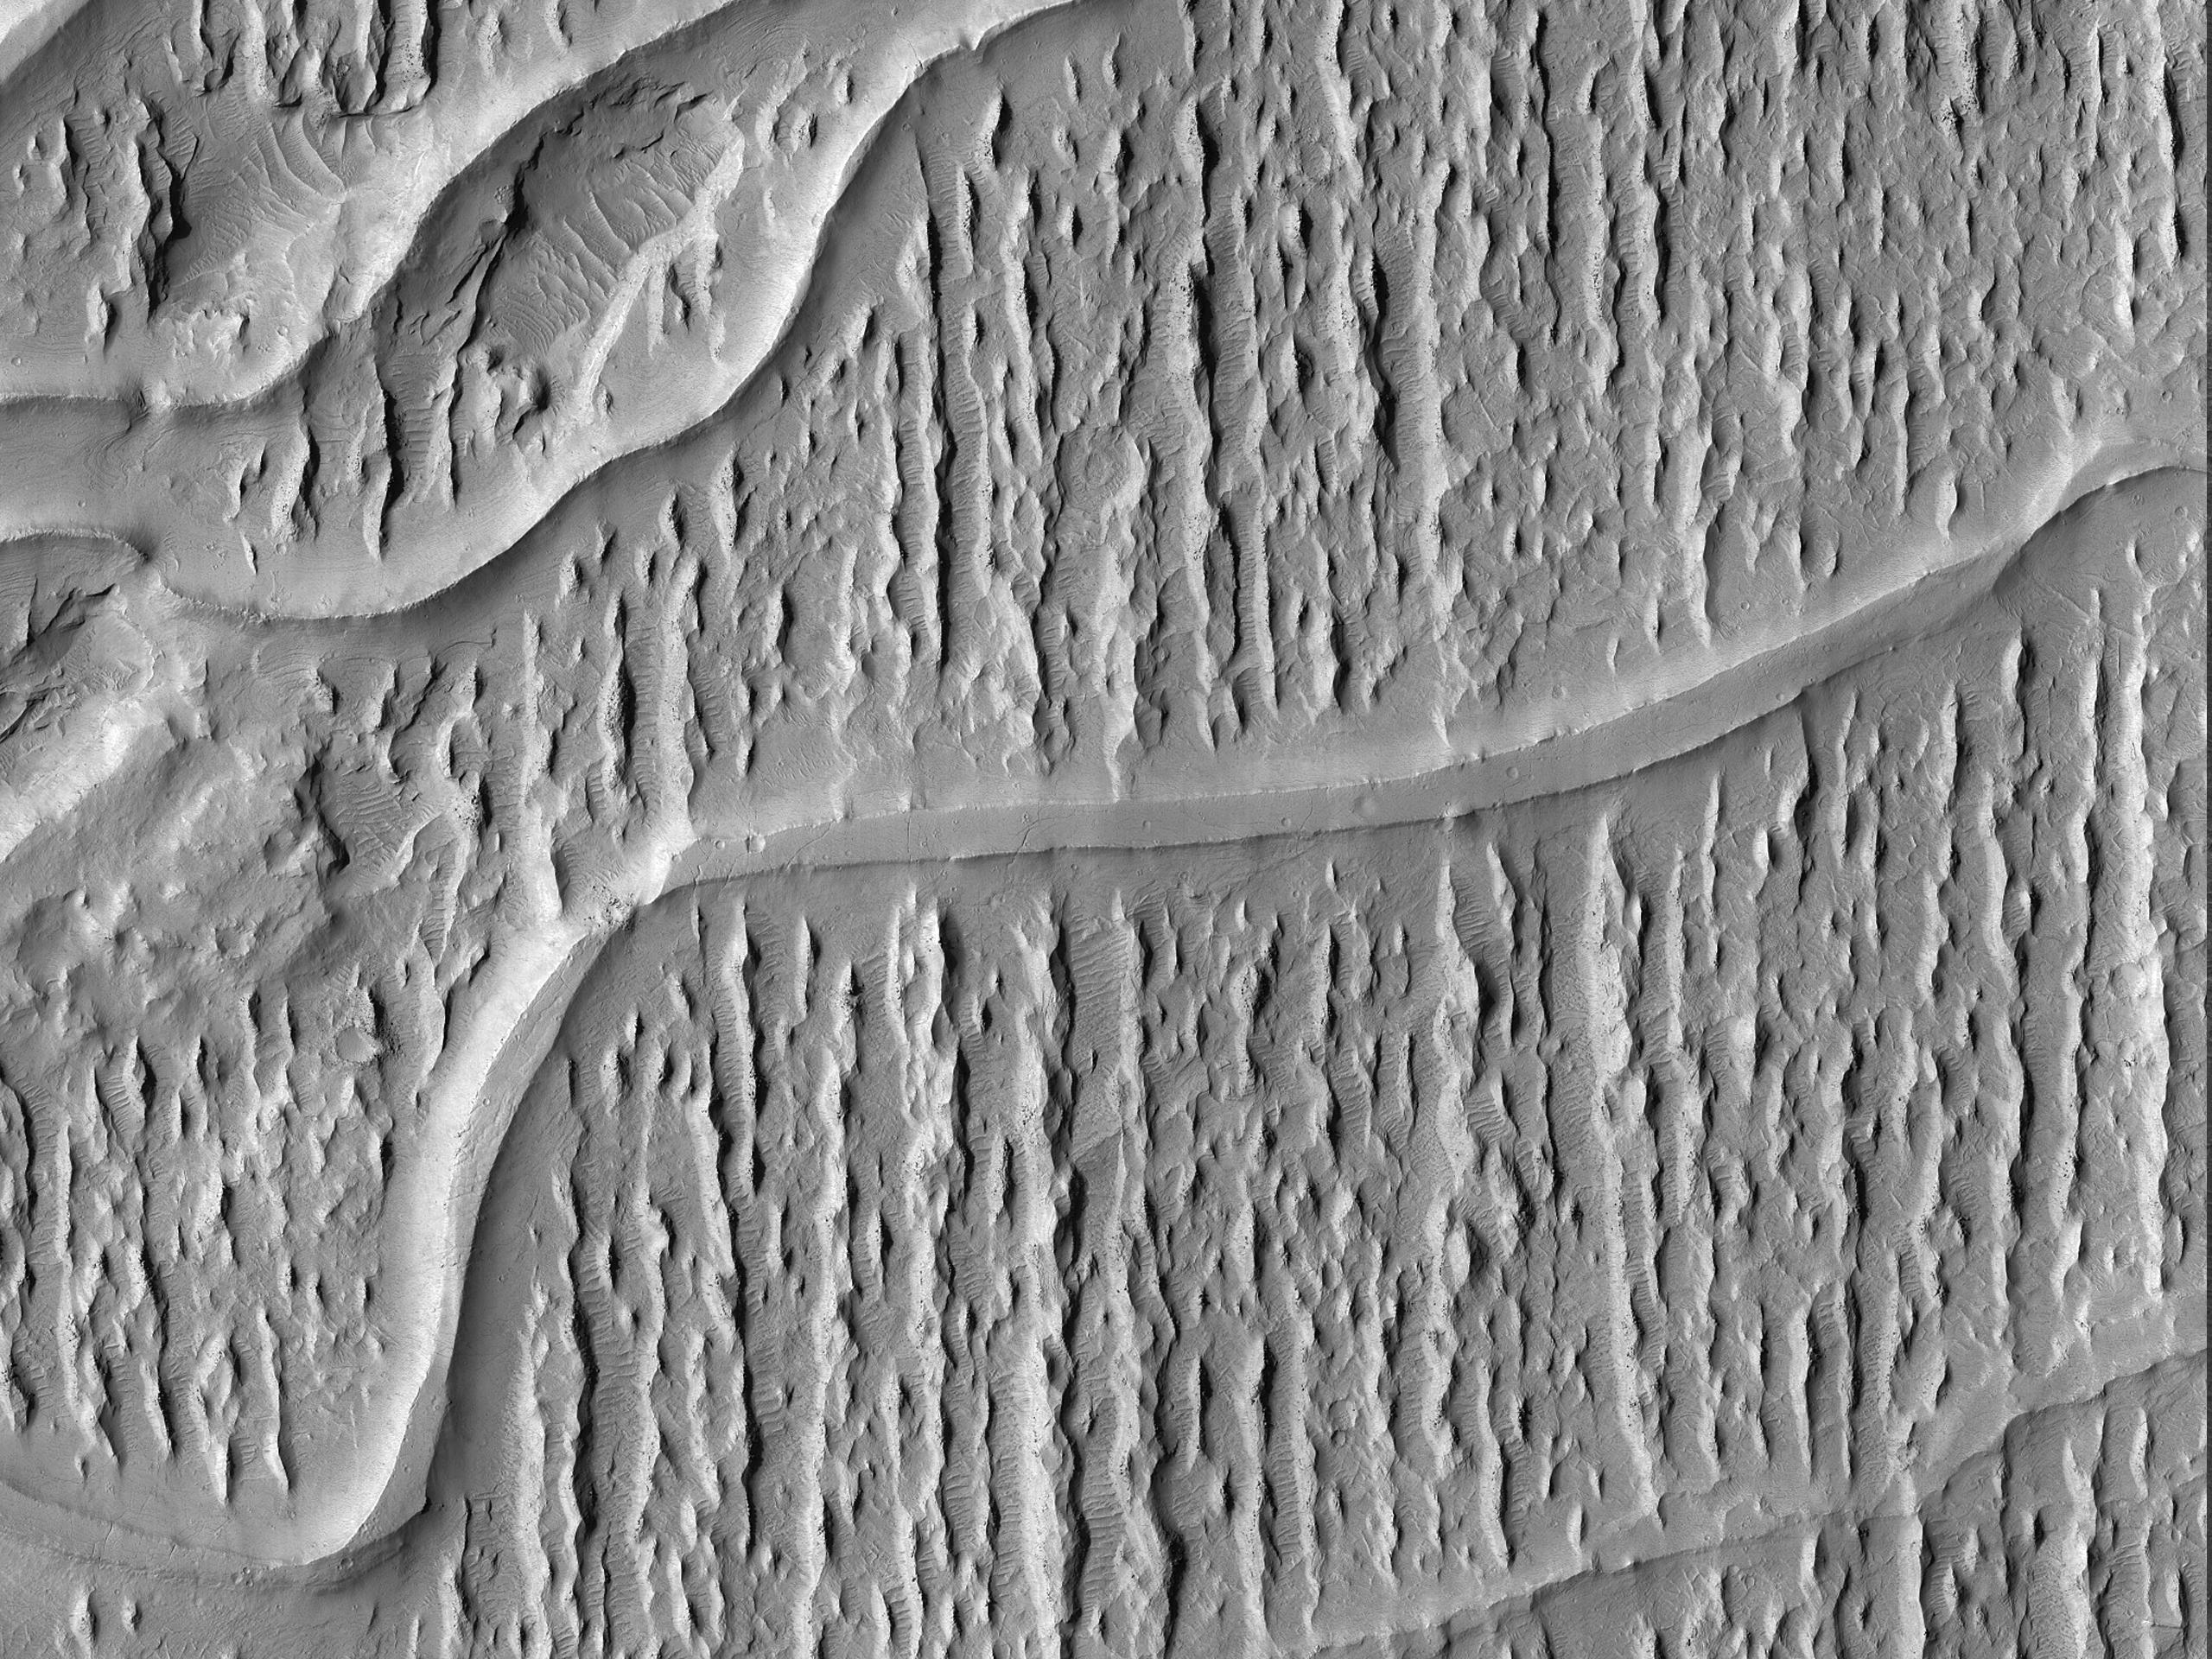 Curving Ridges in Aeolis Planum